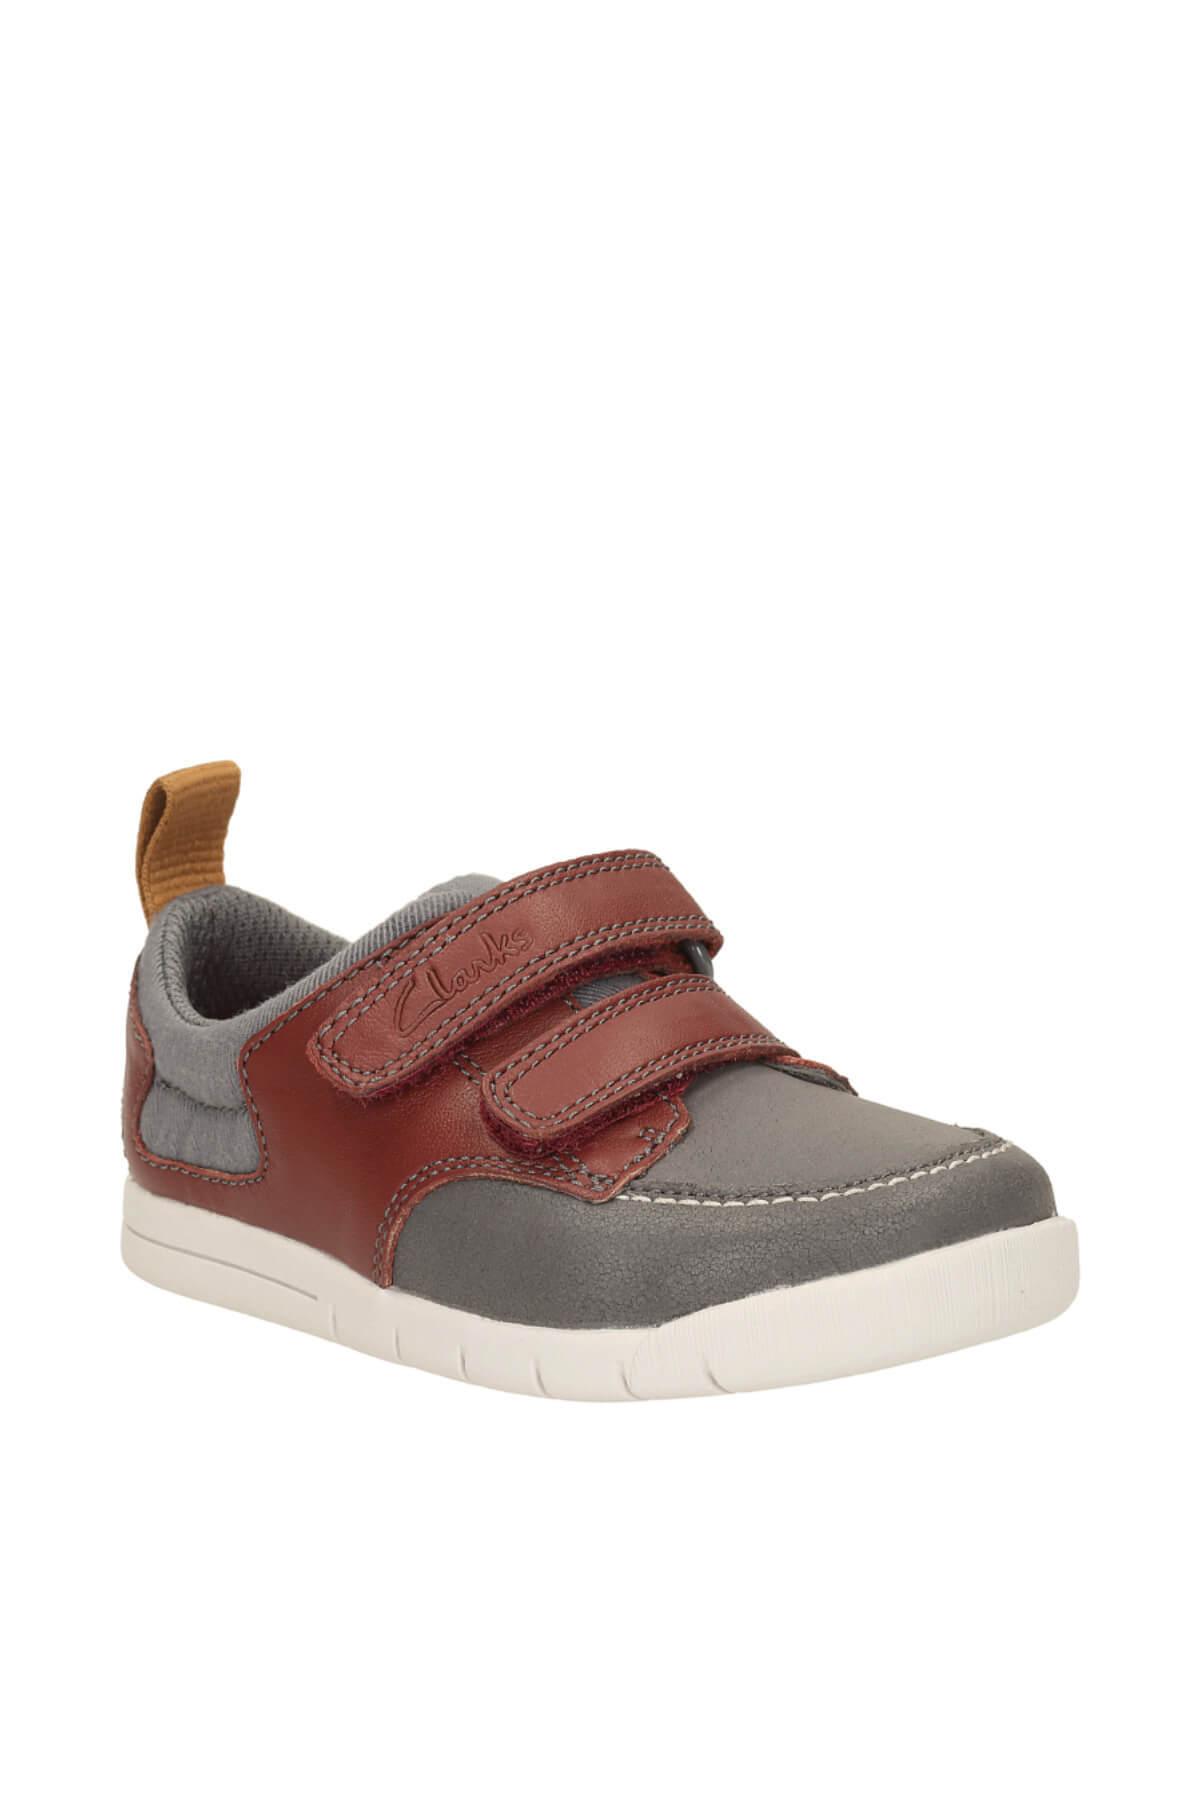 CLARKS Çocuk Ayakkabı 261189907 1